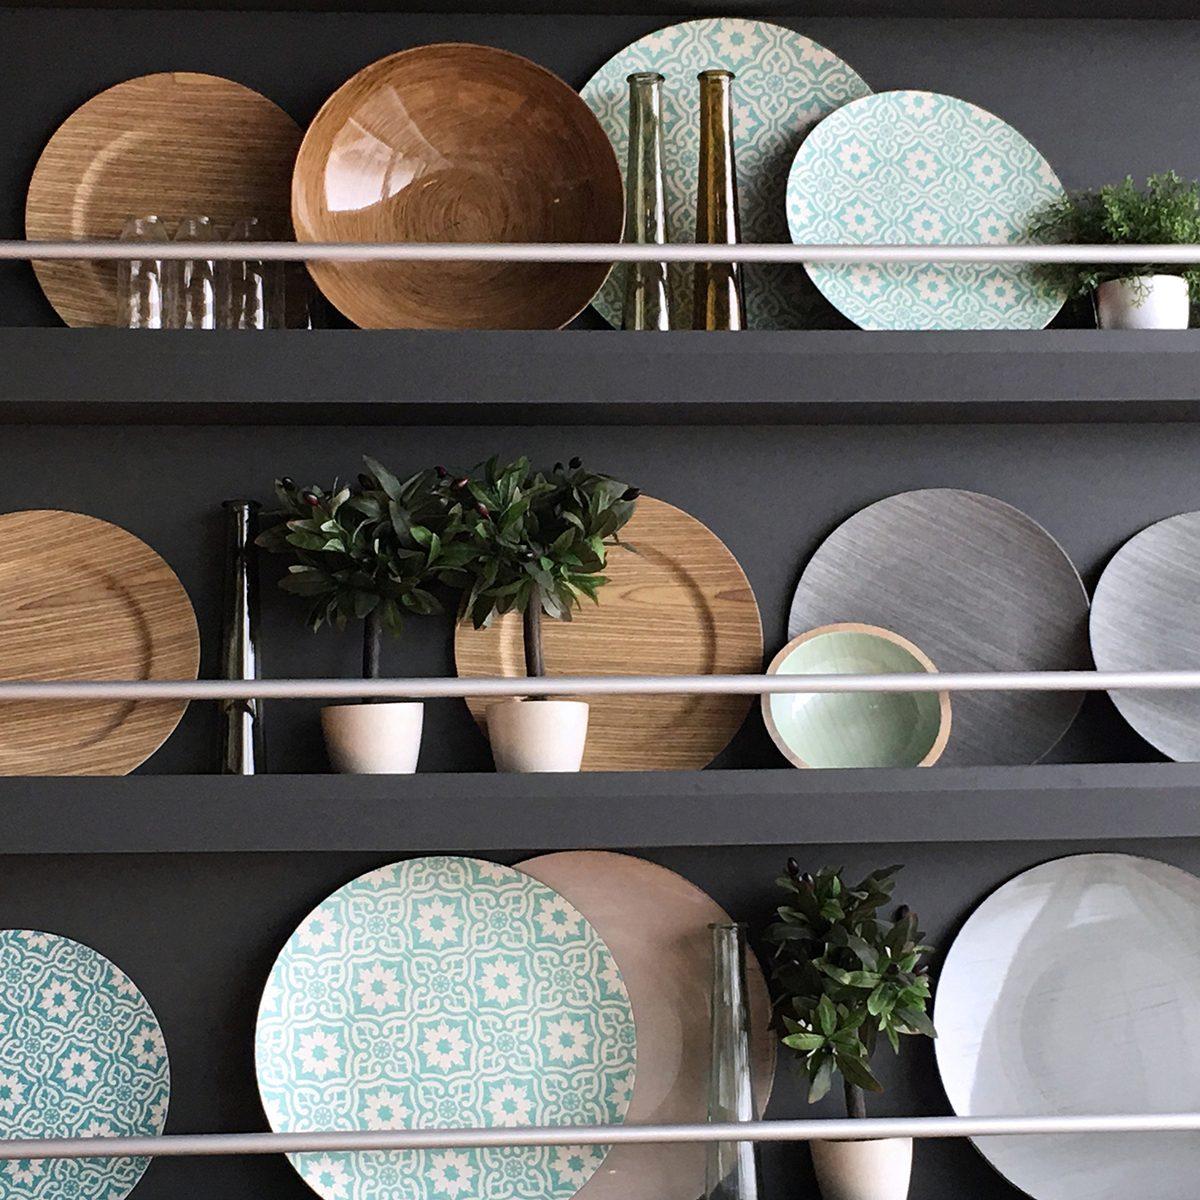 Floating shelf of dishes